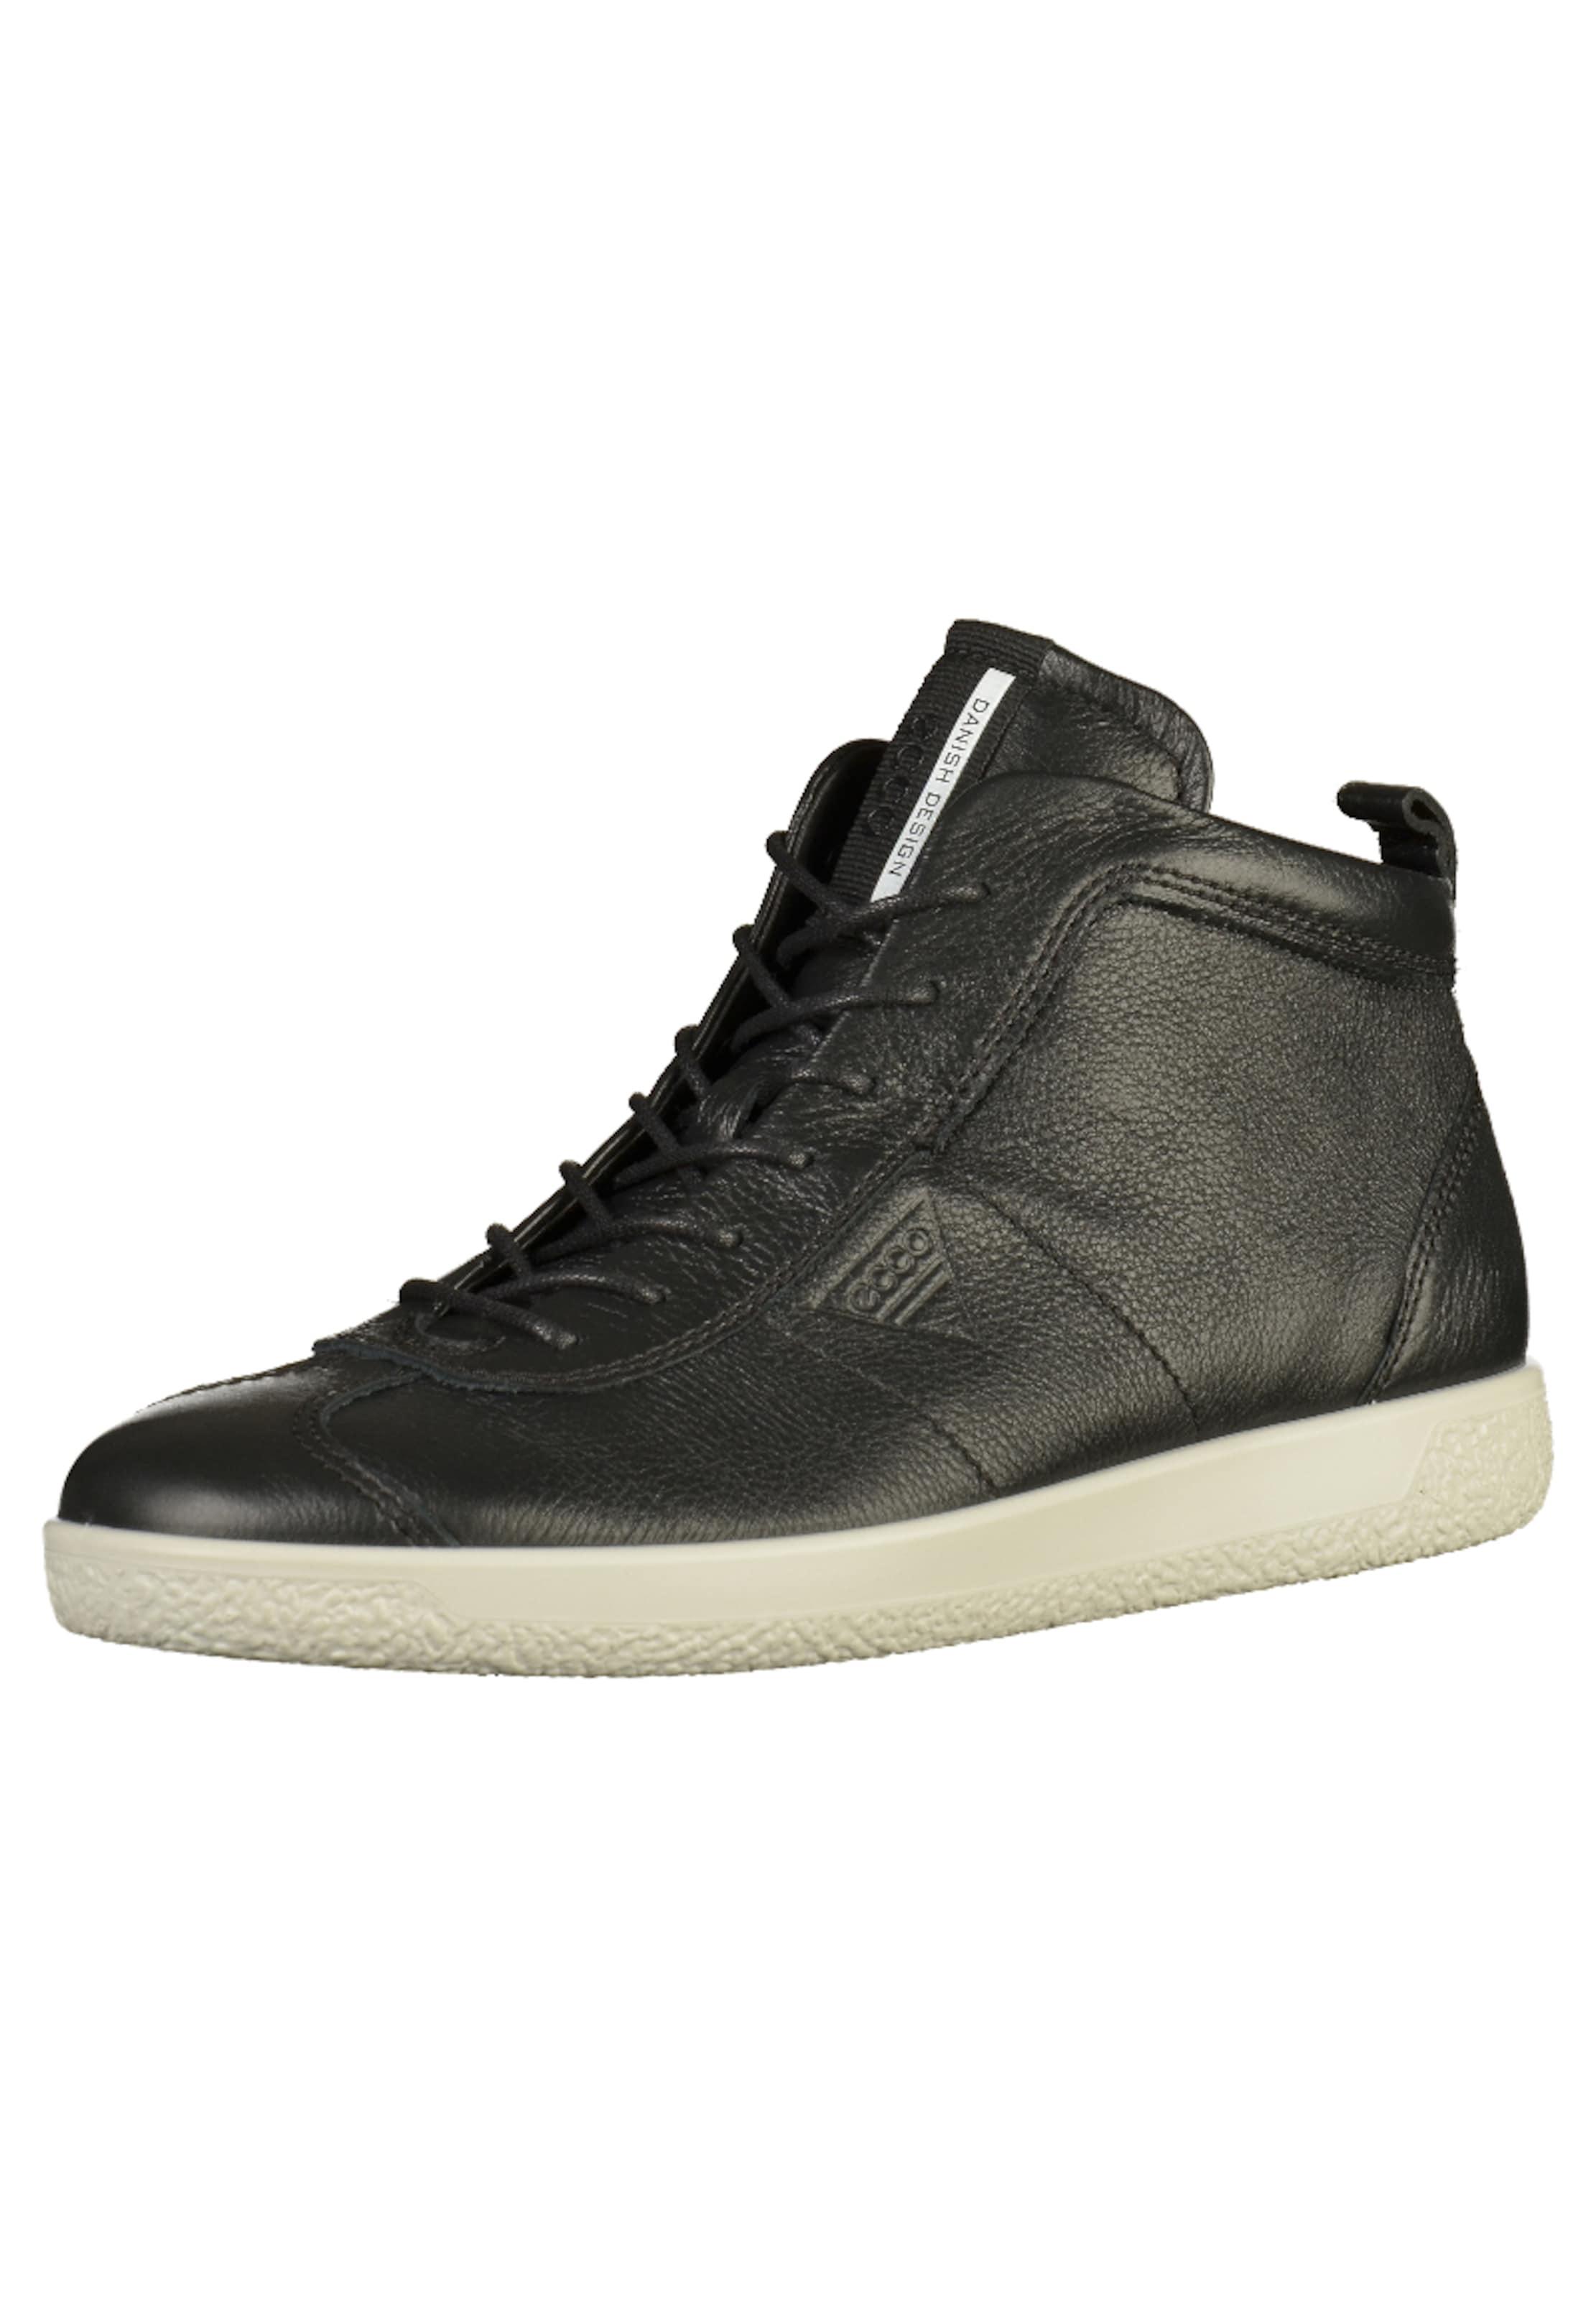 ECCO Sneaker Sneaker ECCO Günstige und langlebige Schuhe 714f25